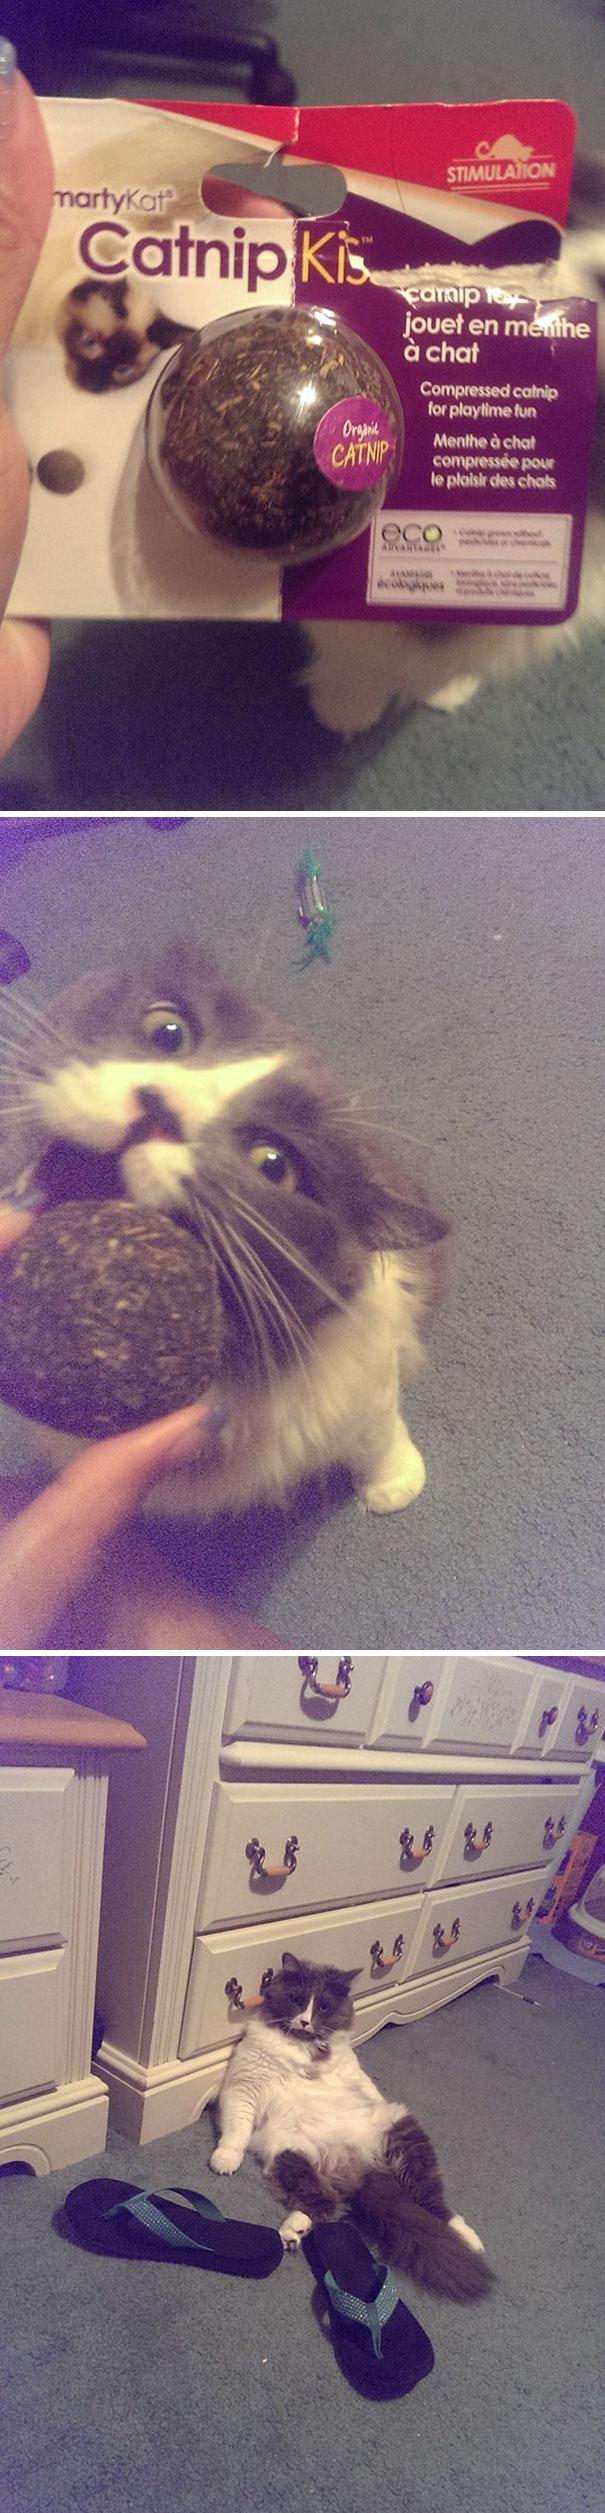 20 Divertidas fotos de Gatos que se drogaron de tal manera que no estaban dispuestos a que los moviesen